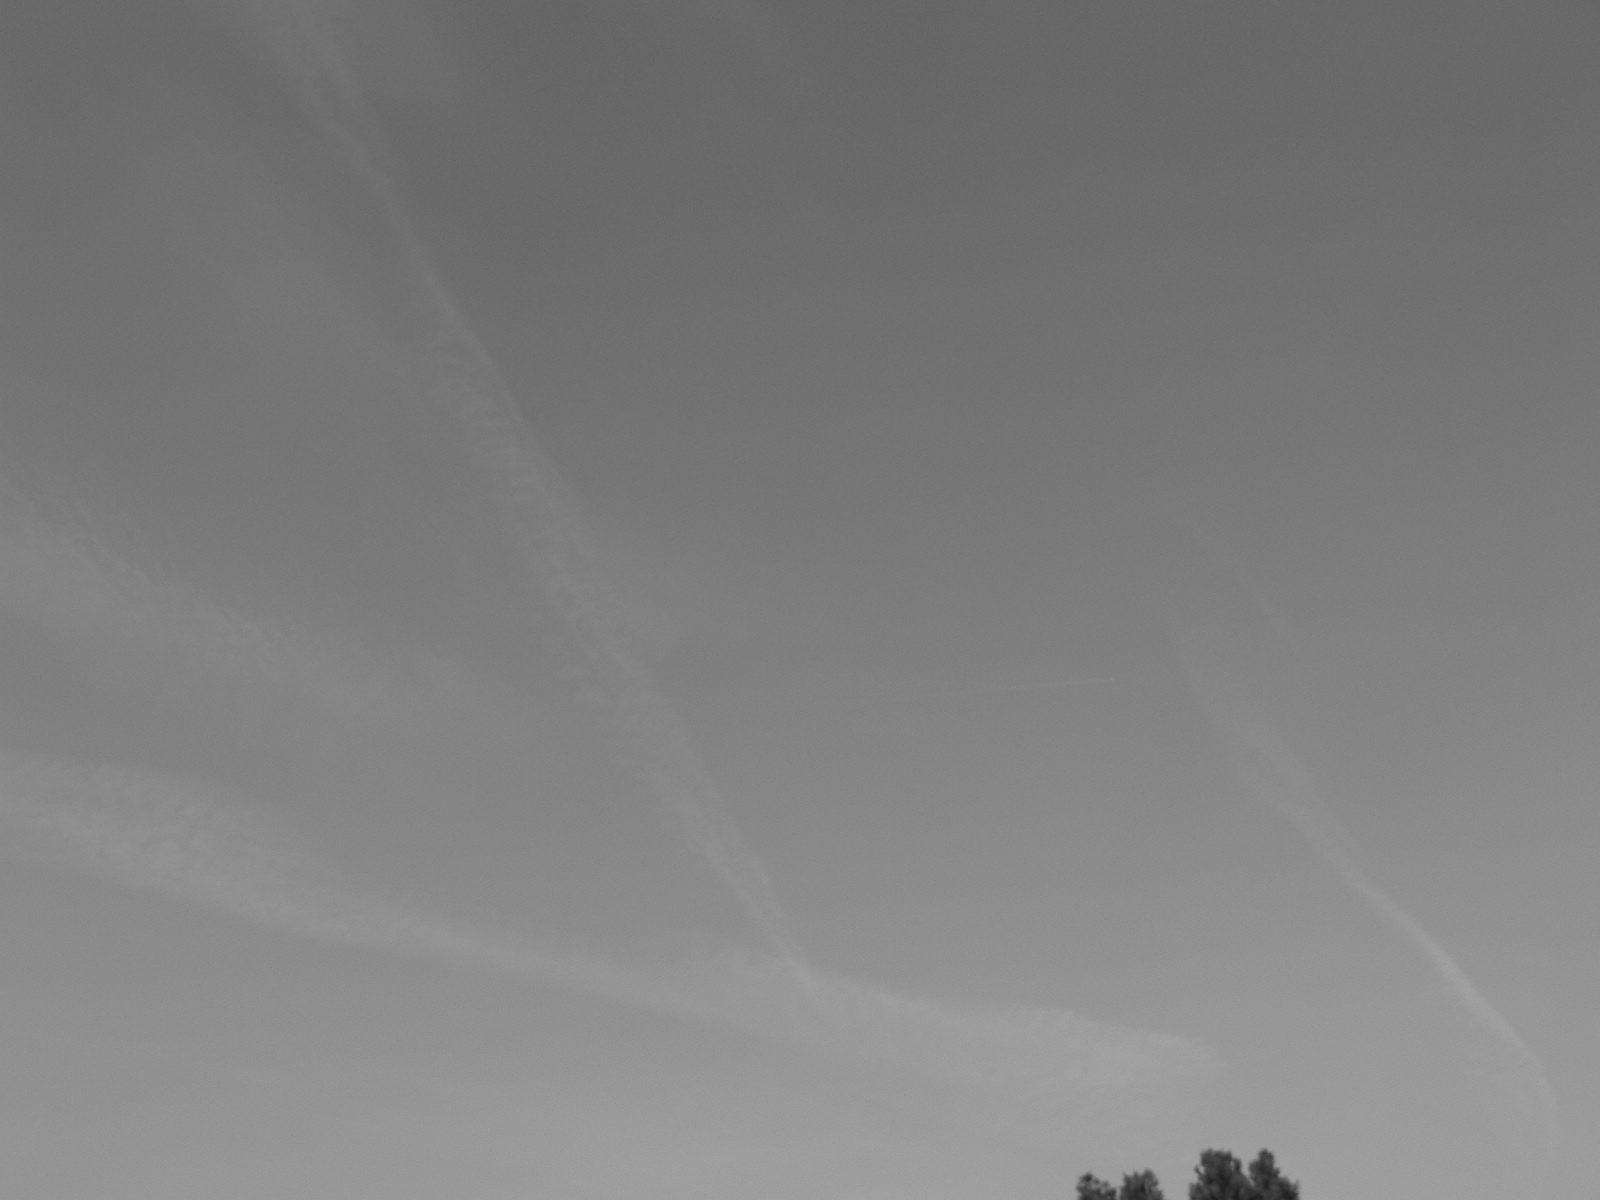 chemtrail geoengineering 5 April 2019  08:08 BST, an already aluminized sky has blown in. NE England.